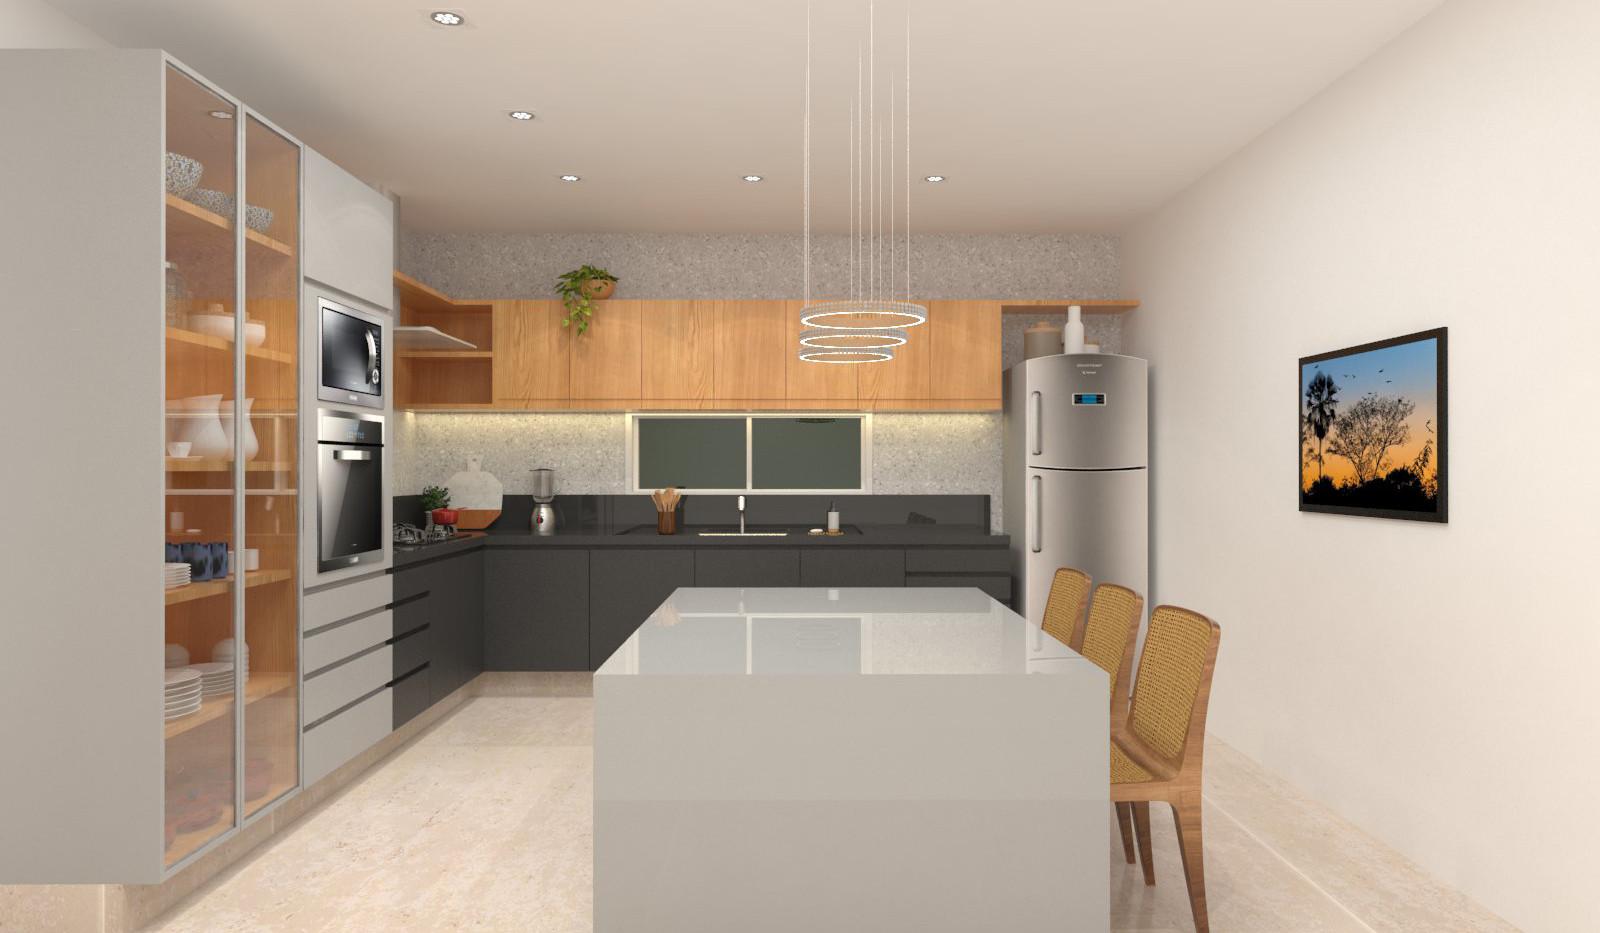 Cozinha DECM